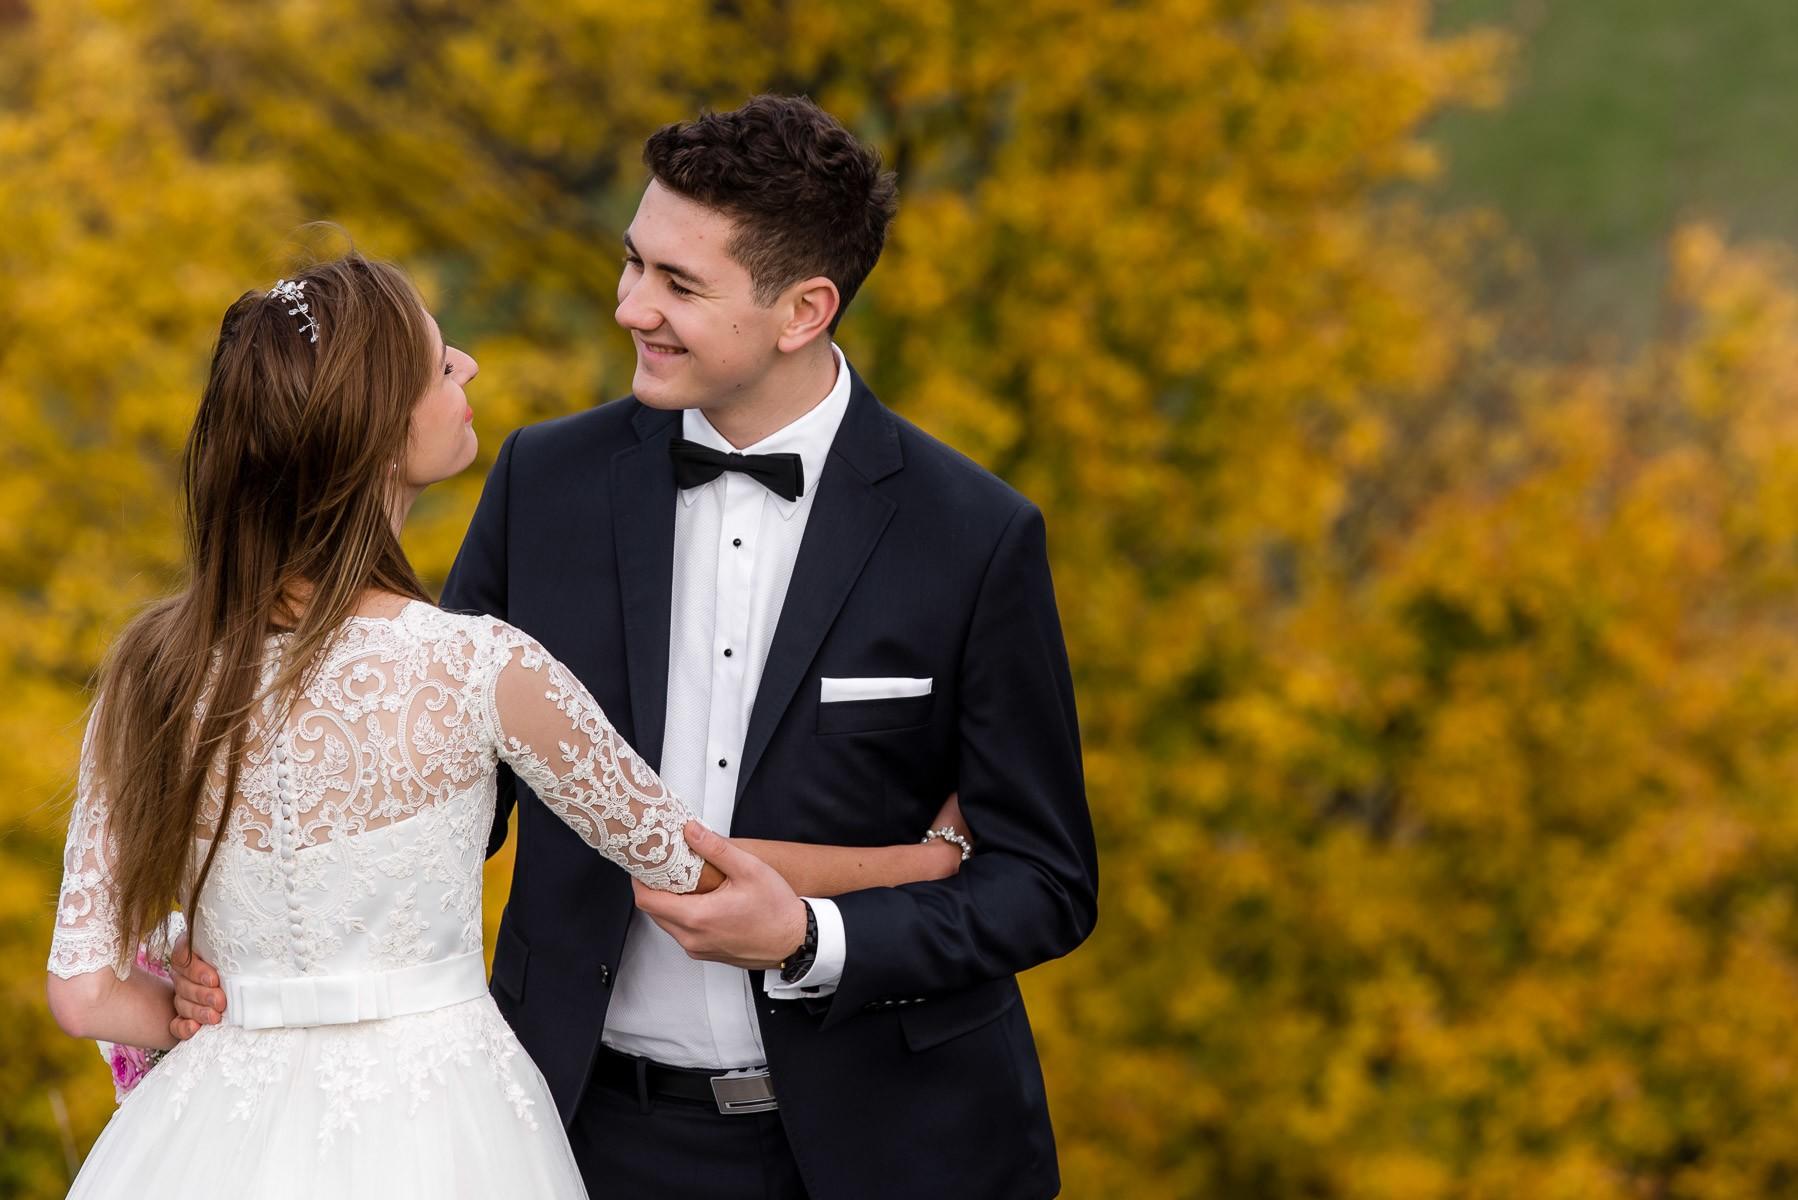 sala na skarpie fotograf slubny slask malopolska adam pietrusiak plener slubny w gorach jw wedding 184